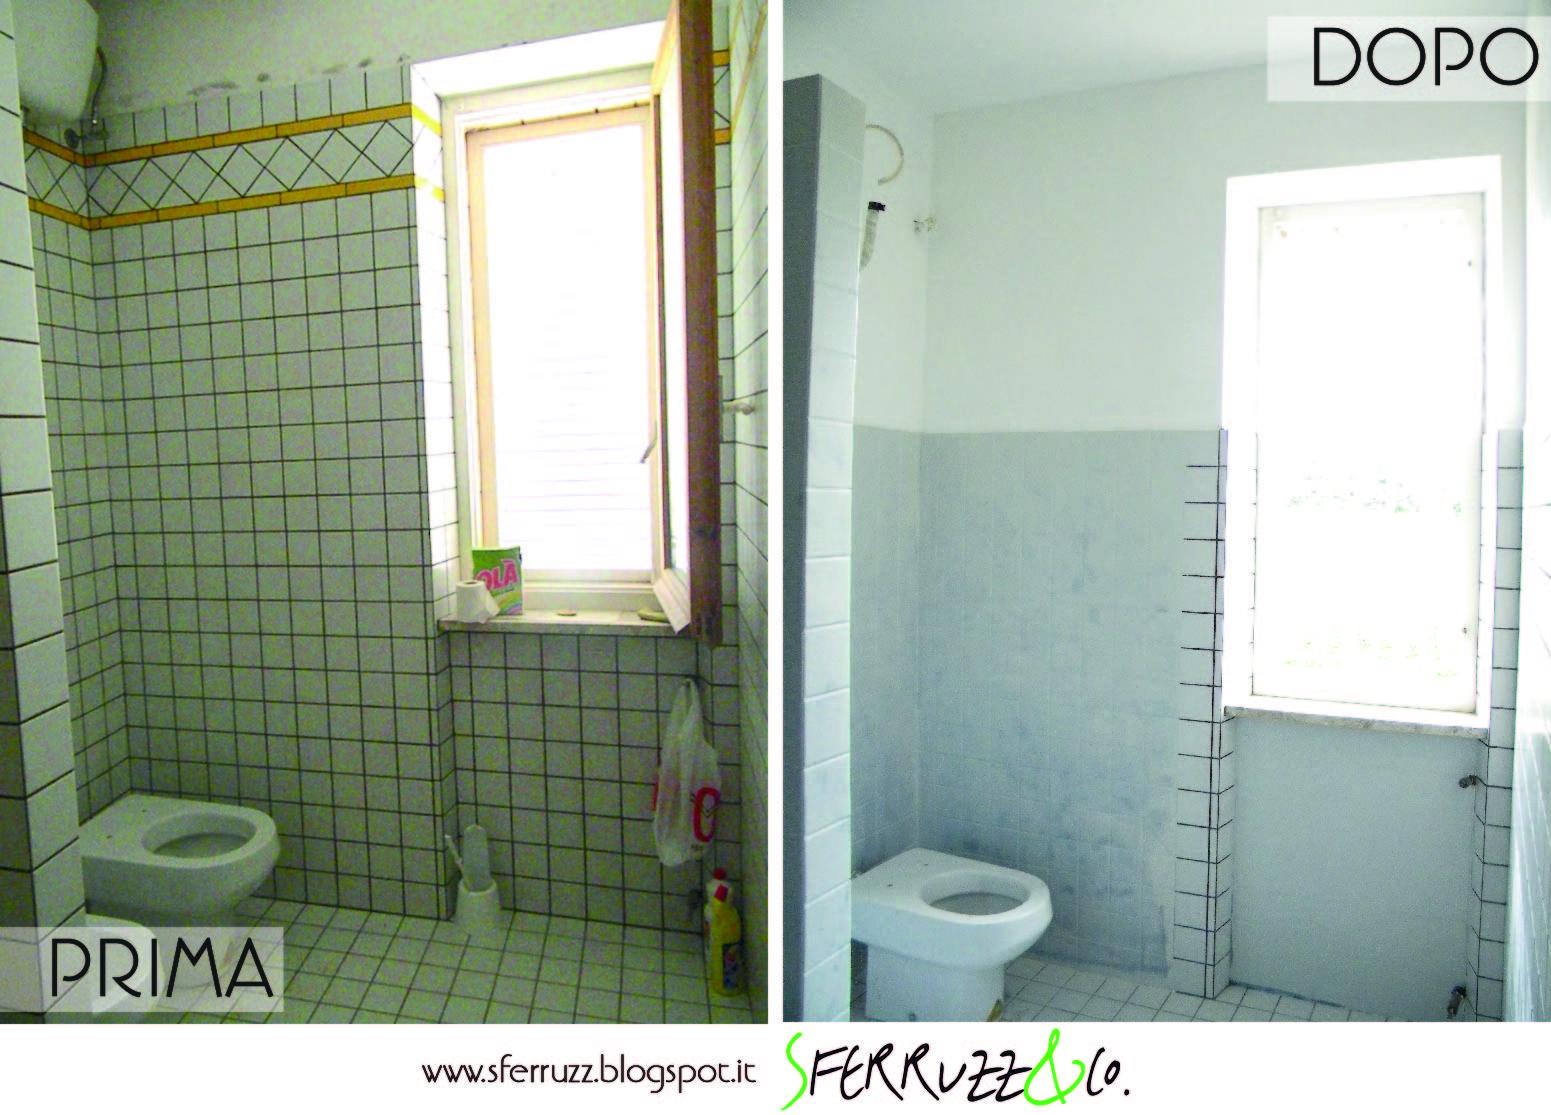 Piastrelle bagno verdi mosaico mosaico in vetro verde - Piastrelle bagno verde chiaro ...